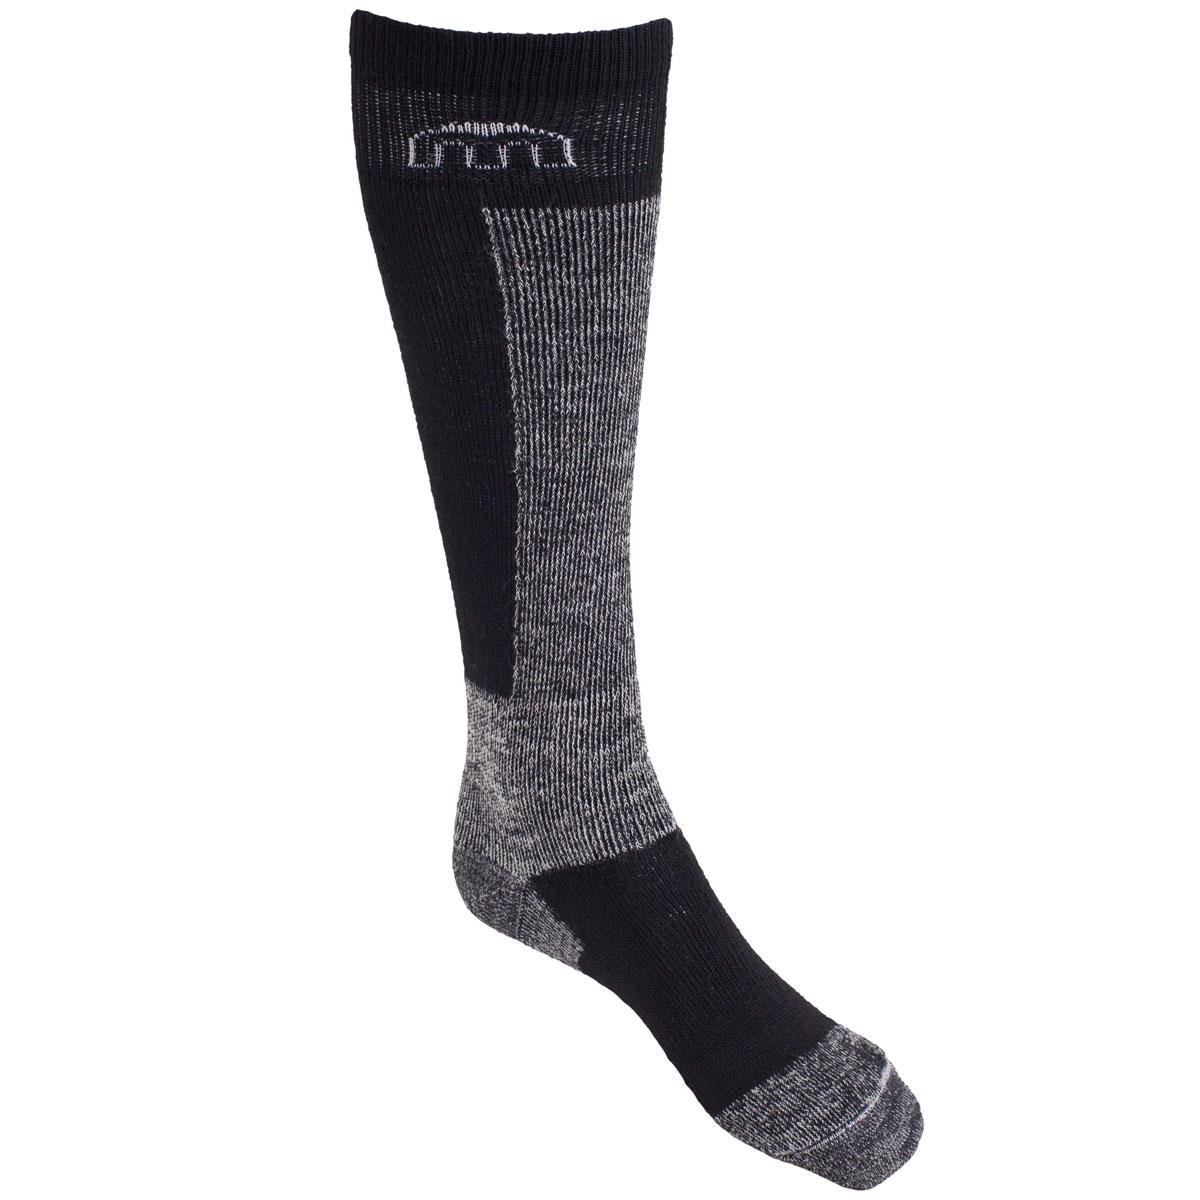 Носки горнолыжные Mico Ski, цвет: черный. 0250. Размер S (35-37)